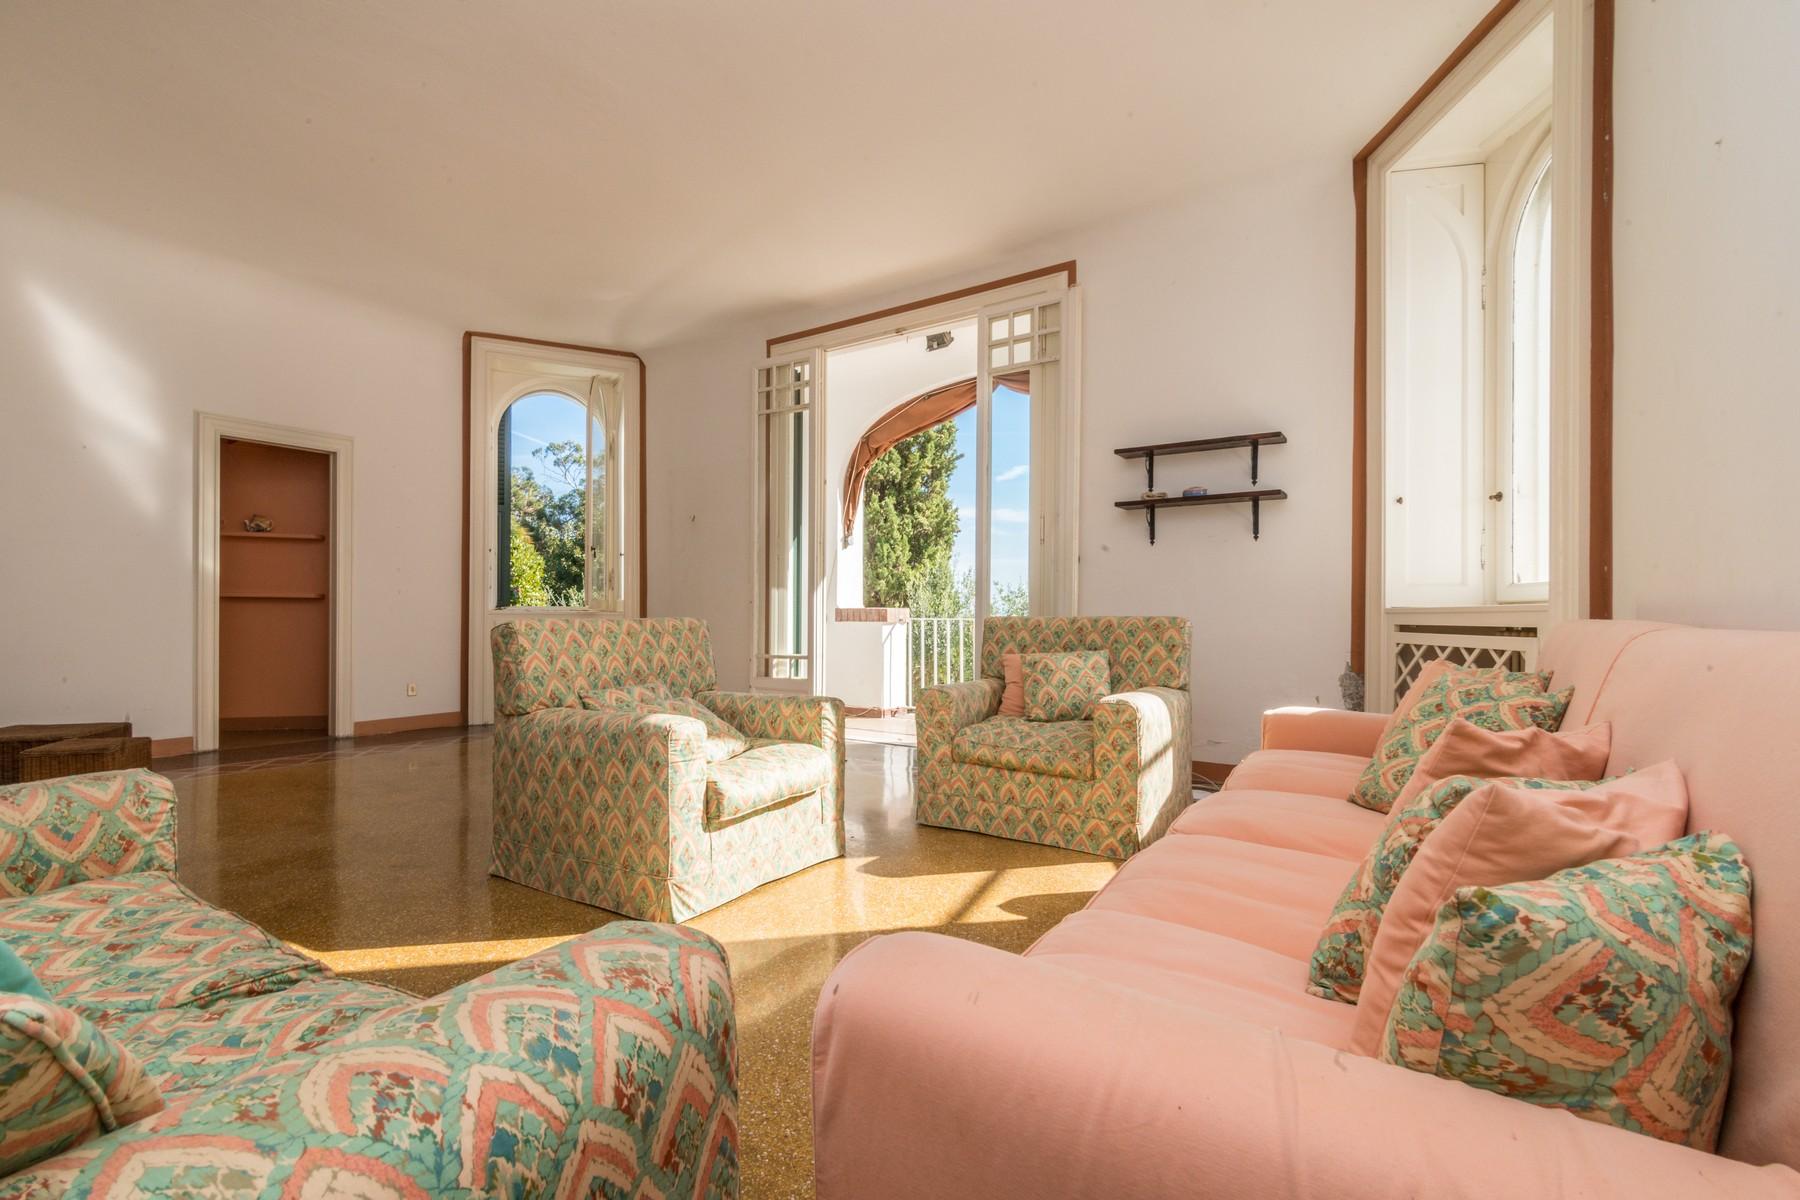 Appartamento in Vendita a Santa Margherita Ligure: 5 locali, 230 mq - Foto 5